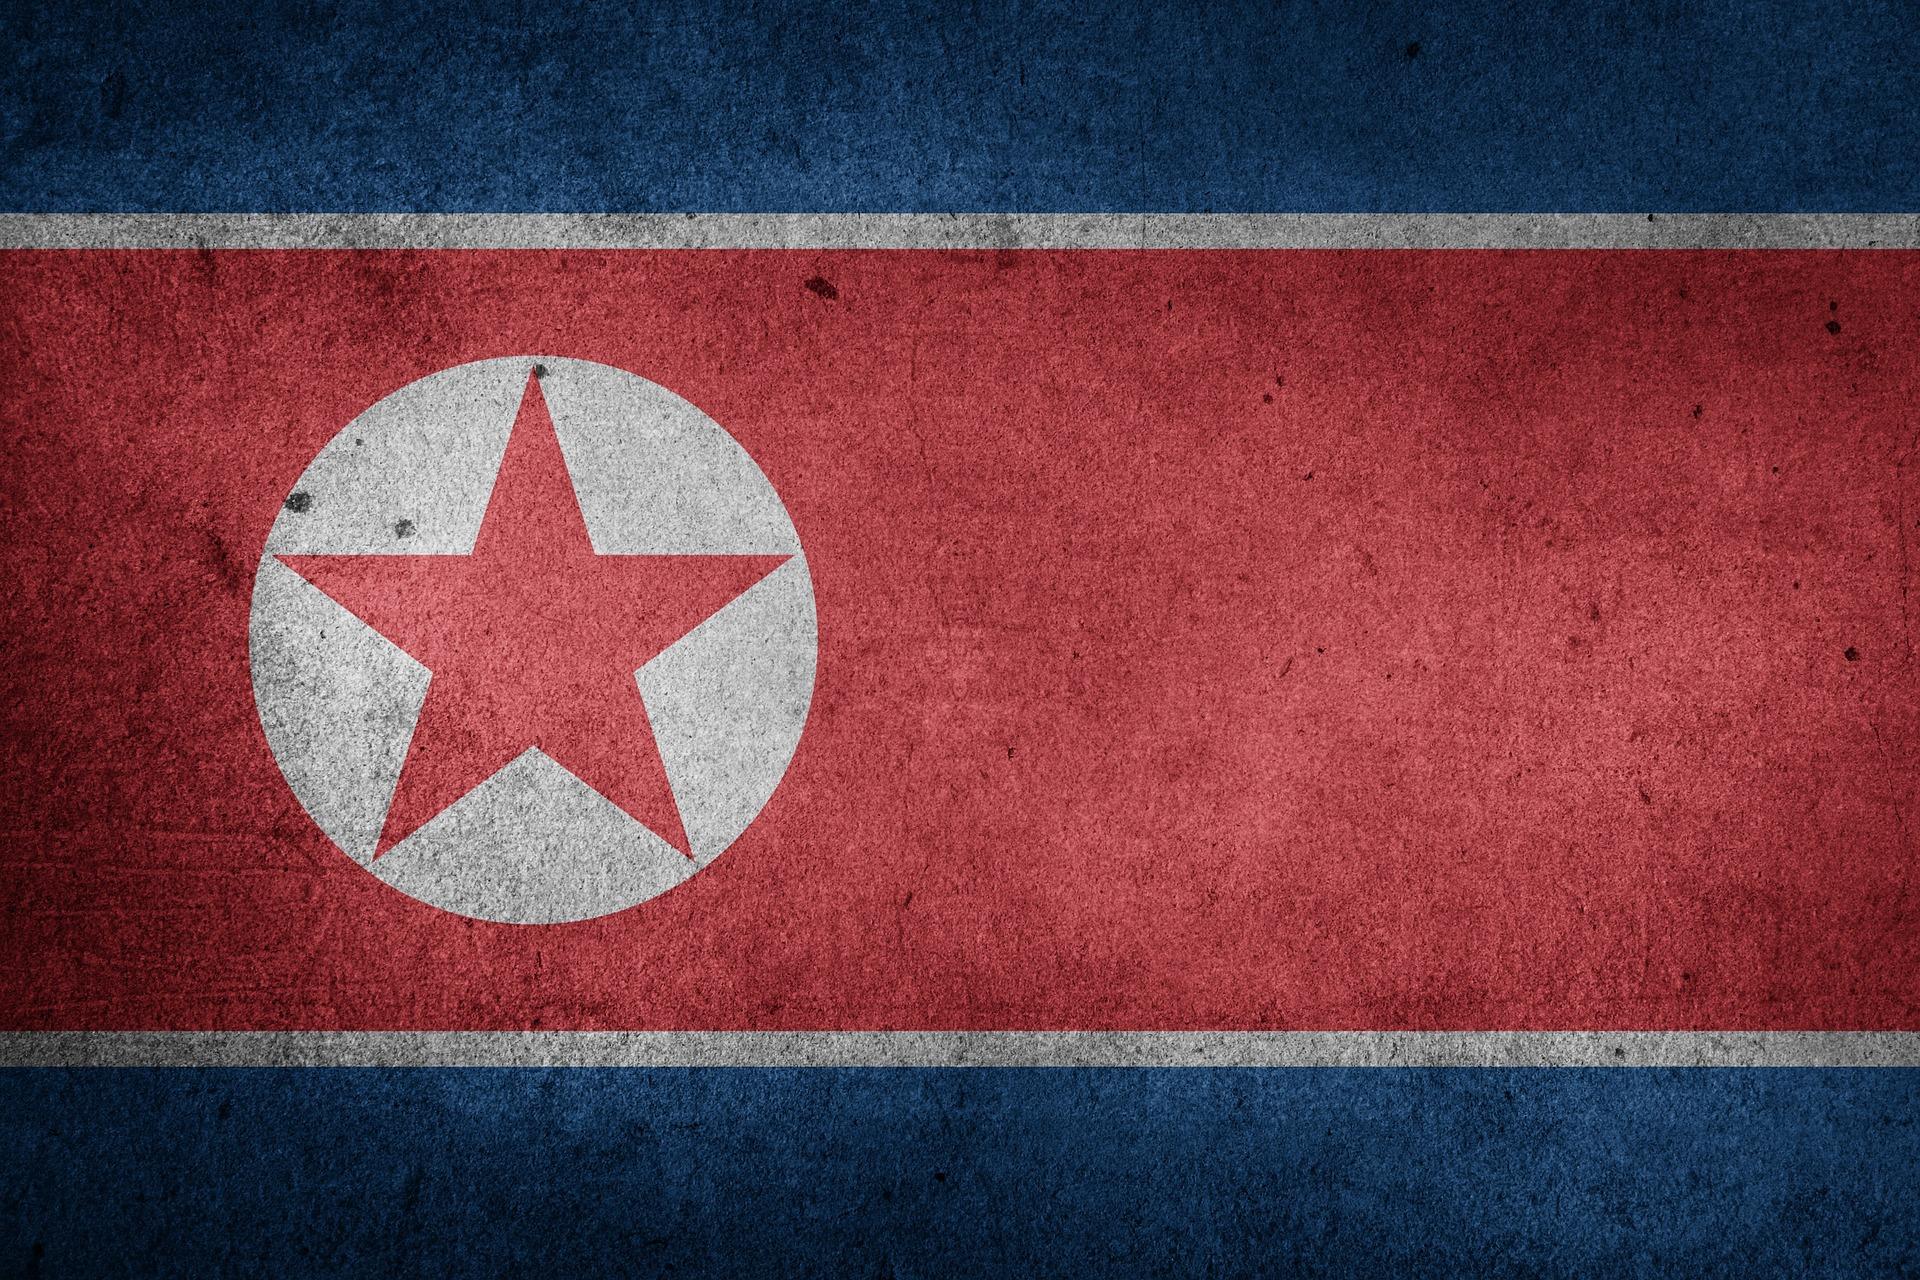 Trademark registration North Korea